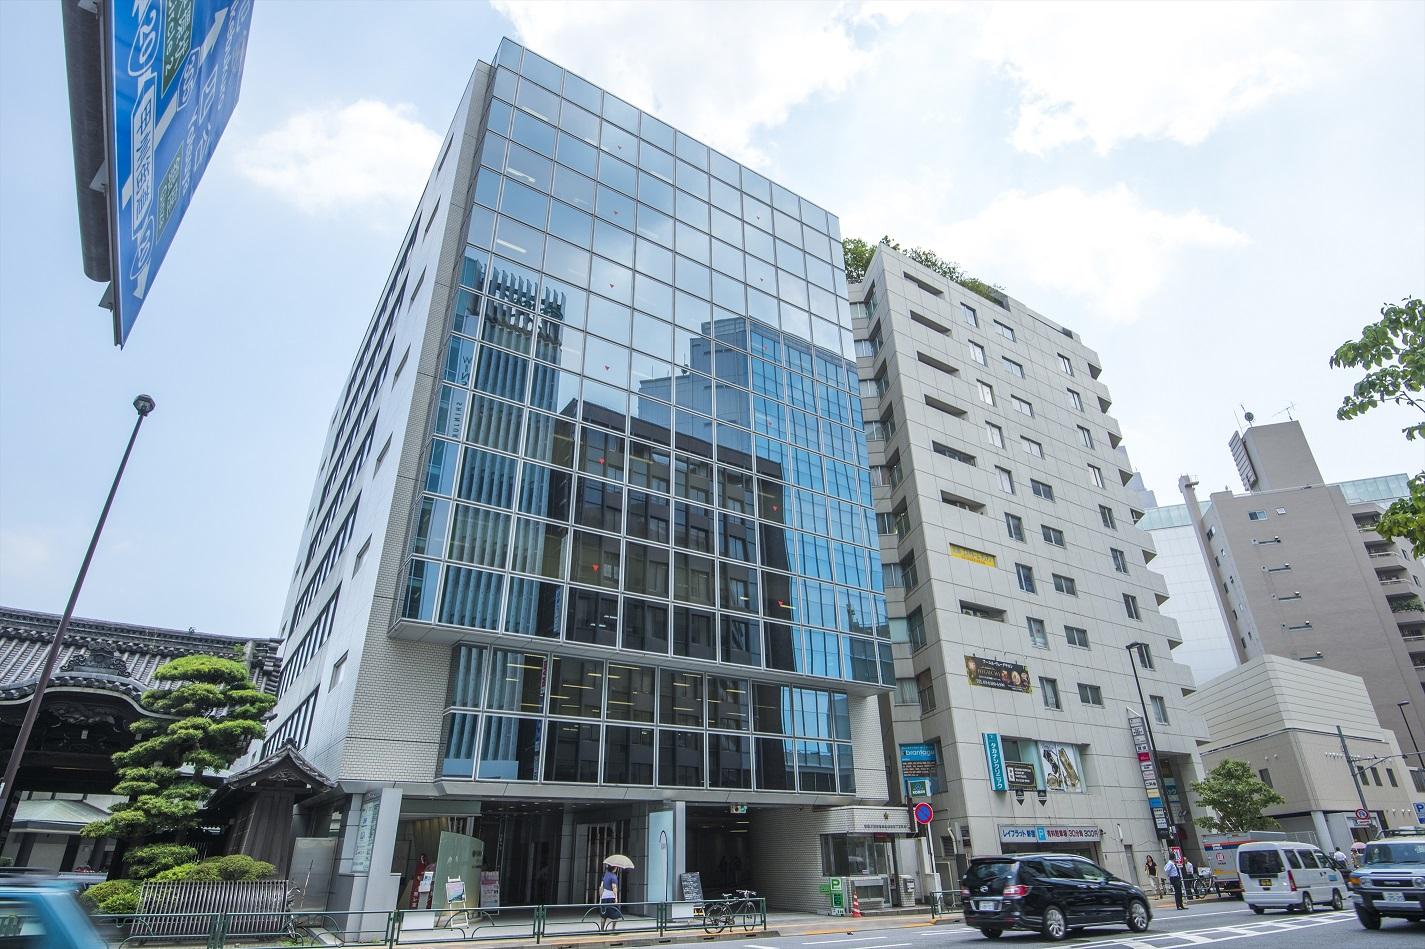 東京都新宿区新宿3丁目17 - Yahoo!地図